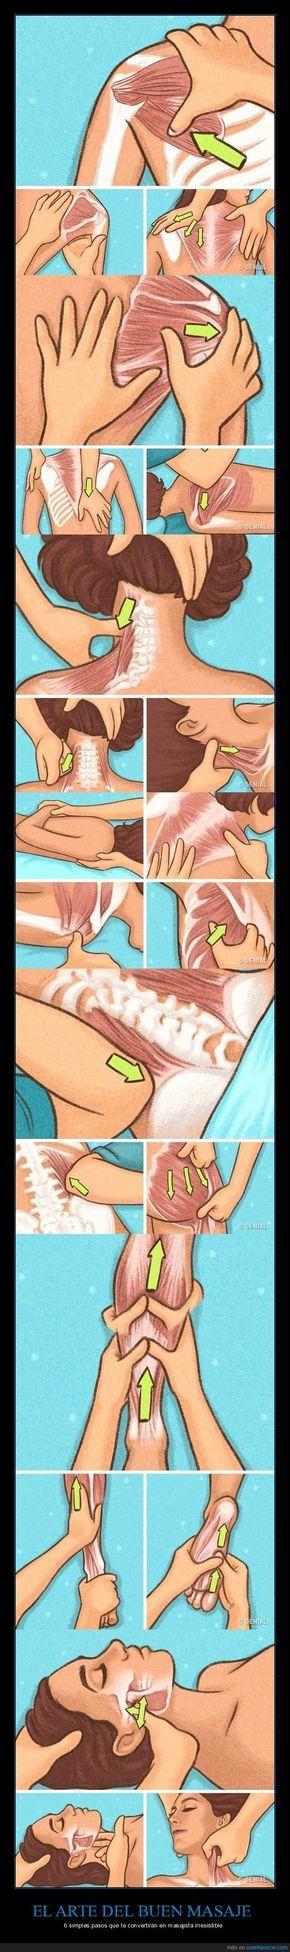 1034120 - 6 simples trucos           Como dar masajes muy sencillos que te convertirán en artista de los masajes